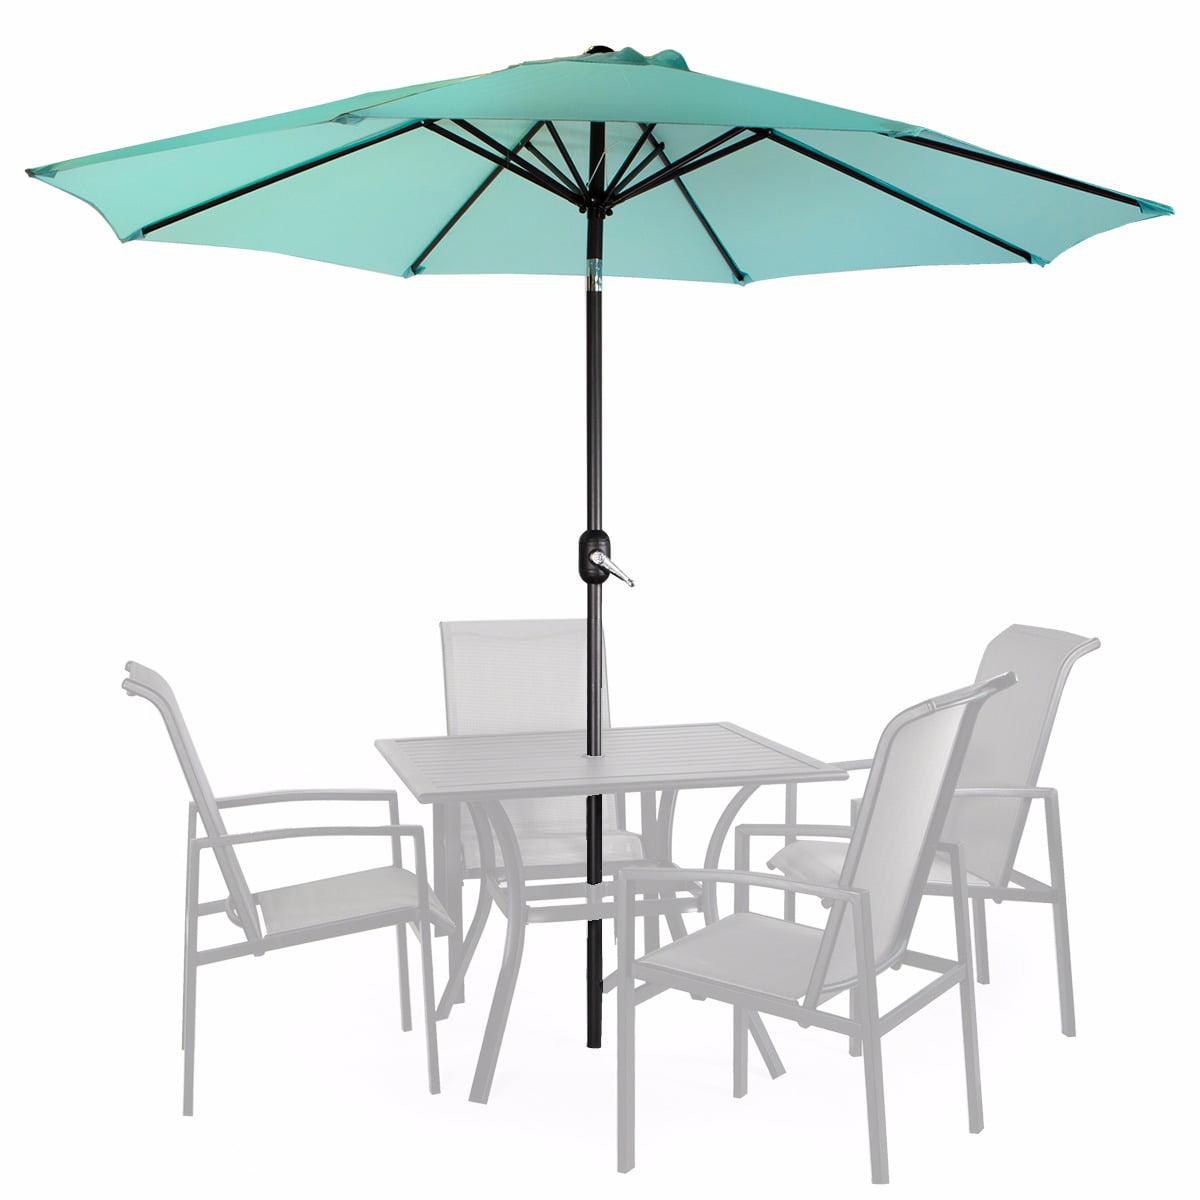 9' Patio Umbrella Round Sunshade Outdoor Canopy Tilt and Crank Aqua by